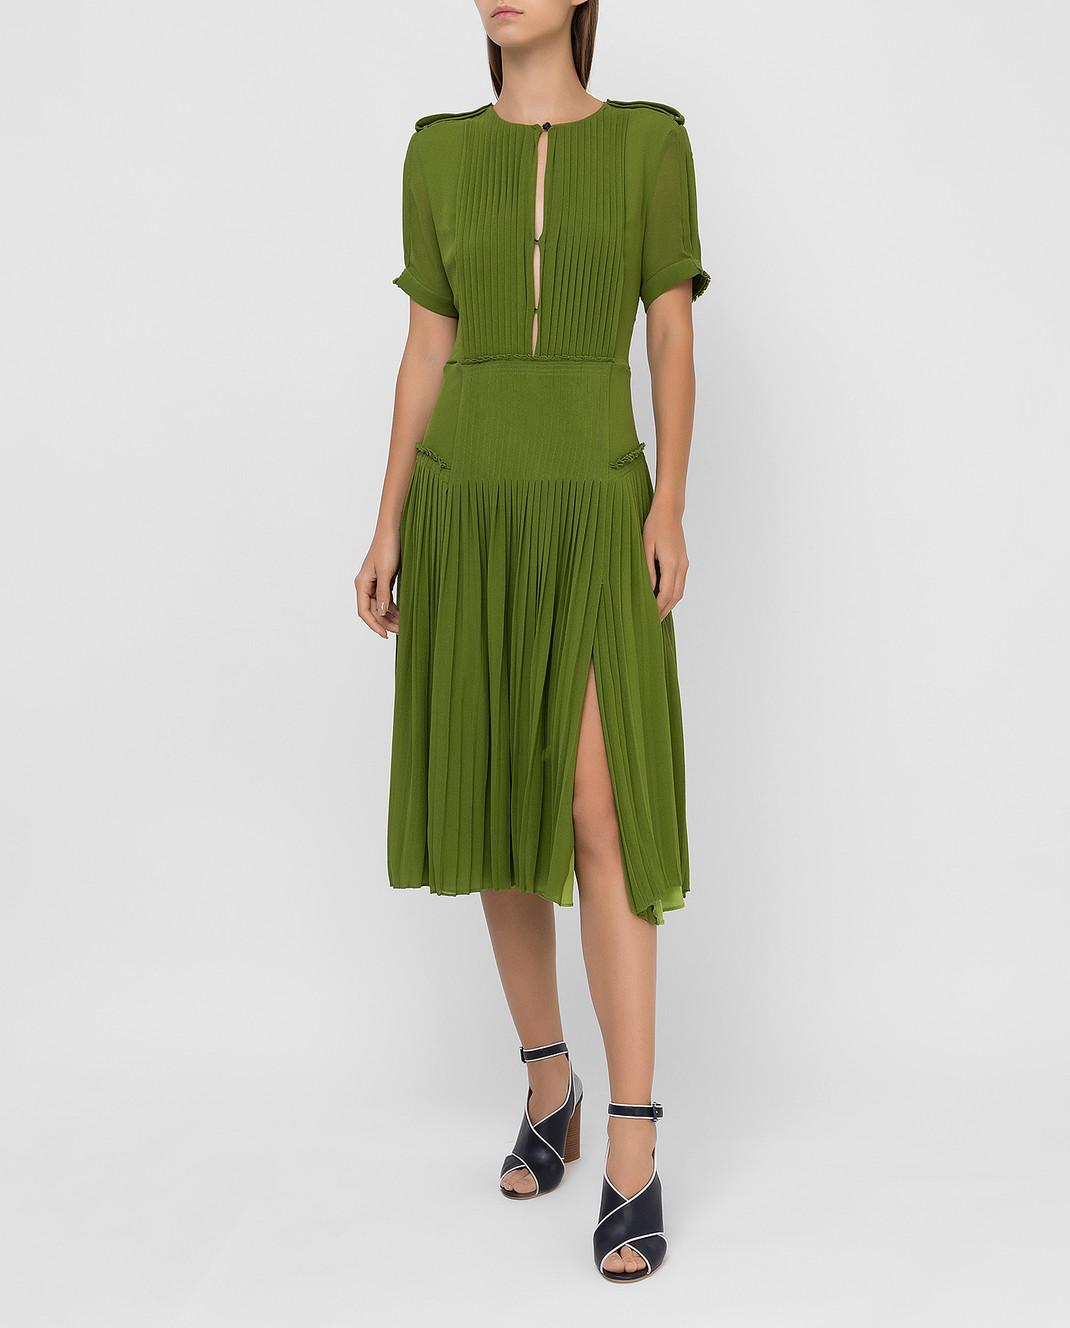 Burberry Зеленое платье из шелка изображение 2